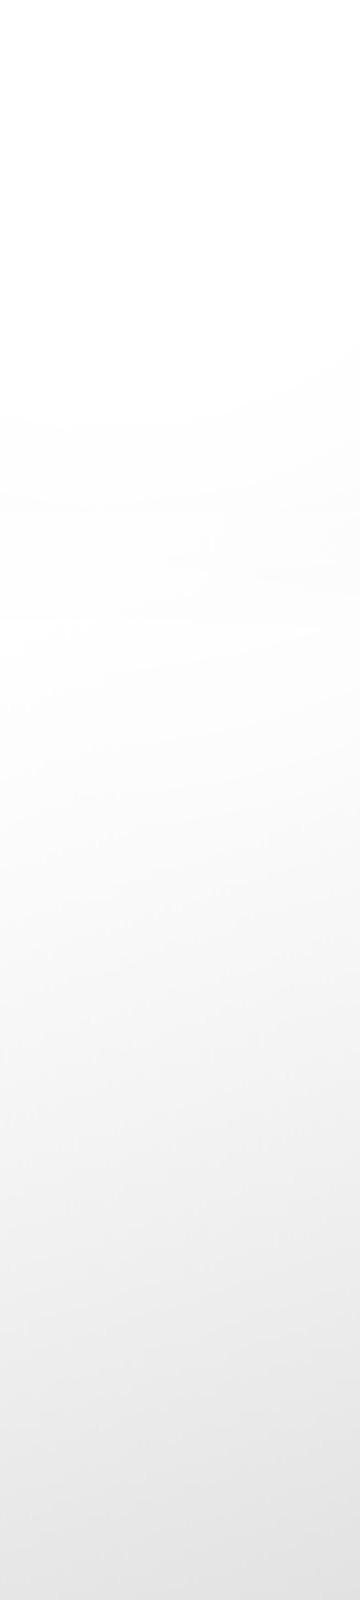 Amazon Music Unlimited è un servizio musicale digitale che ti consente di accedere a più di 50 milioni di brani, playlist e radio create da esperti di Amazon Music. Con Amazon Music Unlimited puoi ascoltare ovunque e in qualsiasi momento milioni di brani su tutti i tuoi dispositivi: smartphone, tablet, PC/Mac e Fire, il tutto senza pubblicità. Grazie alla modalità offline puoi scaricare la tua musica preferita ed ascoltarla senza connessione ovunque tu sia. Amazon Music Unlimited impara a conoscerti, riceverai suggerimenti personalizzati in base alla musica che ascolti. Sia che tu stia cercando la playlists perfetta per una cena tra amici, che tu voglia ascoltare i Beatles, le ultime uscite di Bruno Mars o musica Indie non preoccuparti: su Amazon Music Unlimited troverai quello che cerchi. L'abbonamento è mensile e costa 9,99 €/mese. I clienti Amazon Prime possono iscriversi ad Amazon Music Unlimited scegliendo l'abbonamento mensile  per 9,99 €/mese oppure l'abbonamento annuale a 99 € (non paghi 2 mesi)